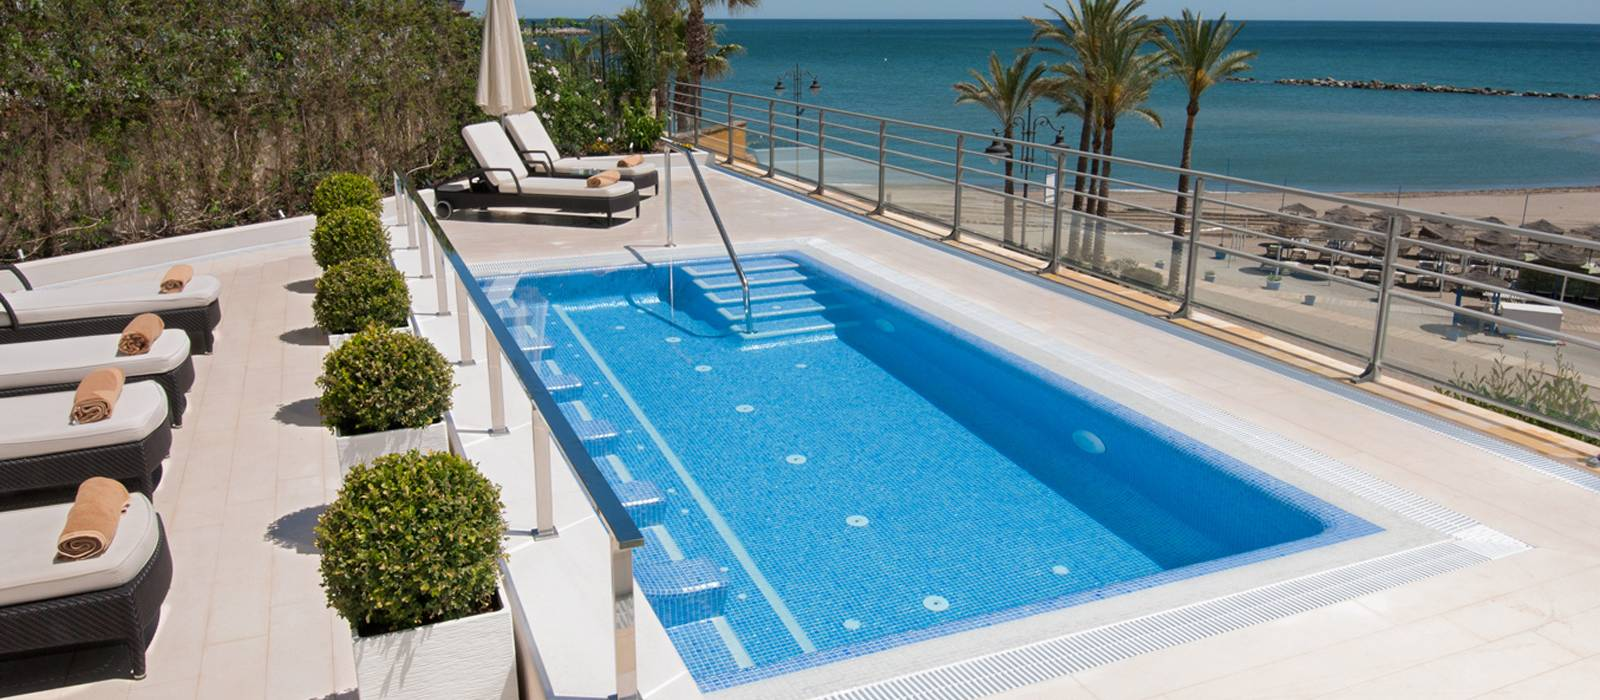 Hotel Vincci Aleysa Boutique&Spa - Piscine et piscine extérieure avec hydromassage